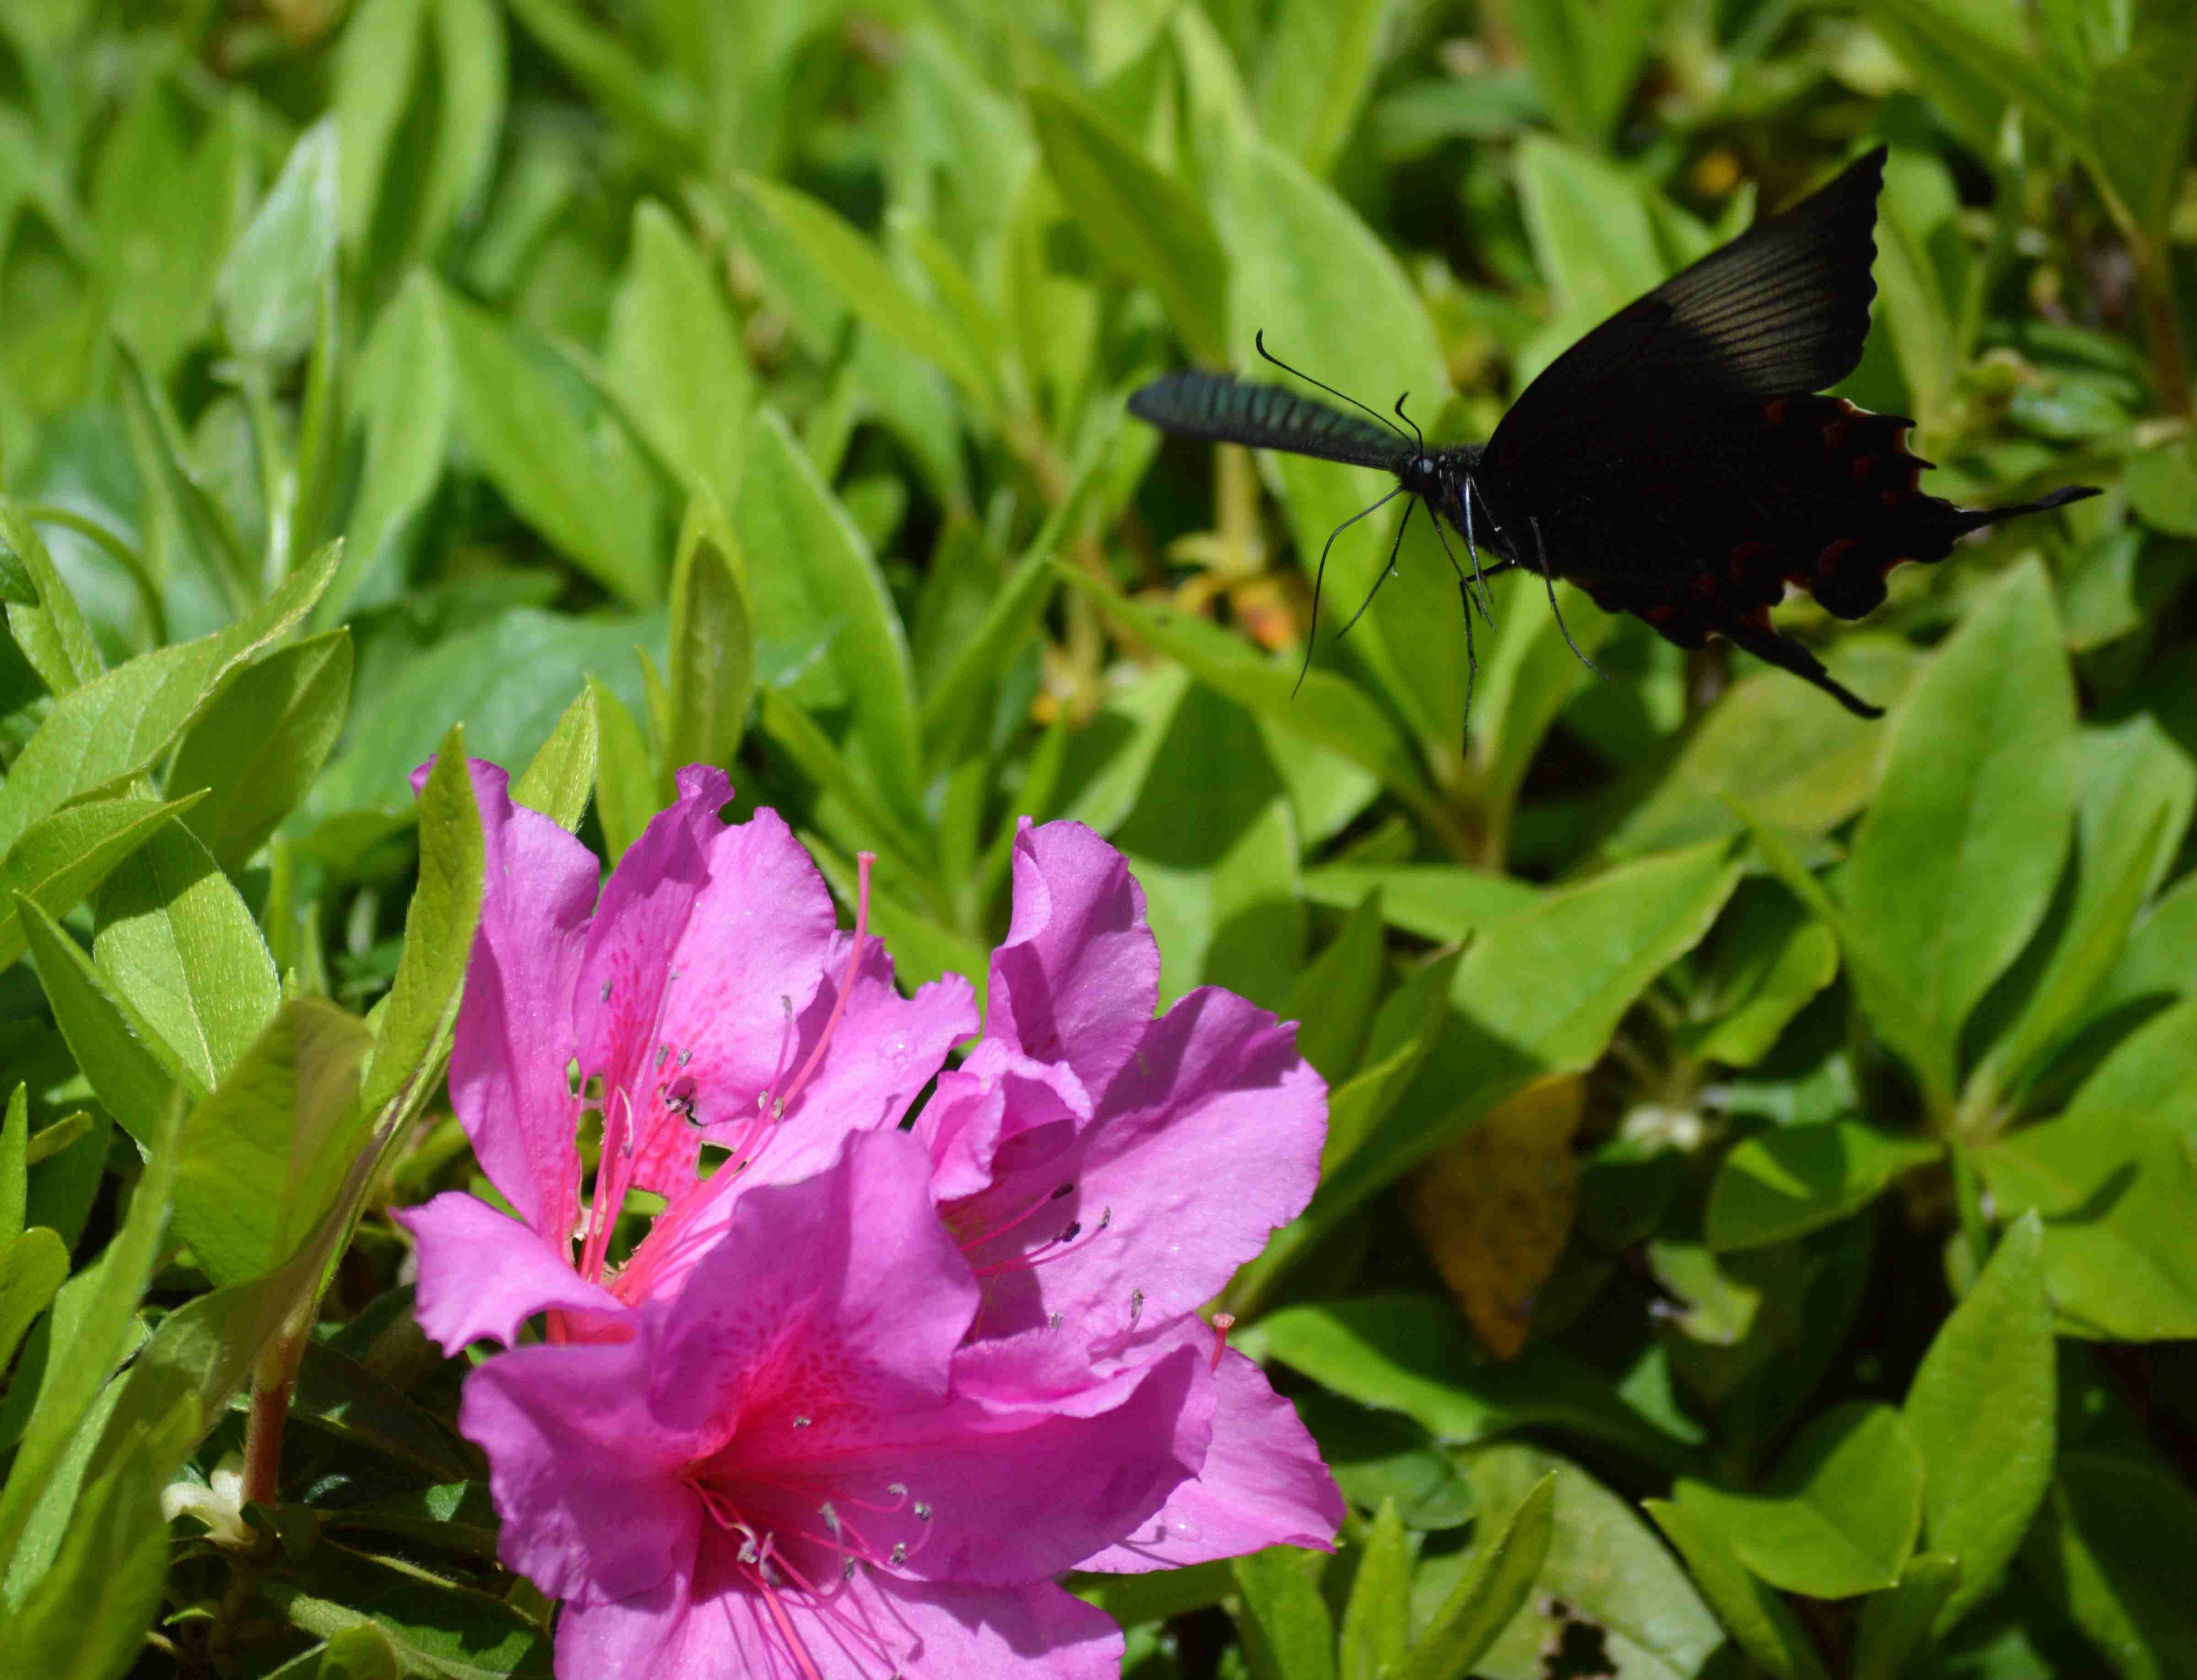 カラスアゲハ 5月6日近くの公園にて_d0254540_19412850.jpg